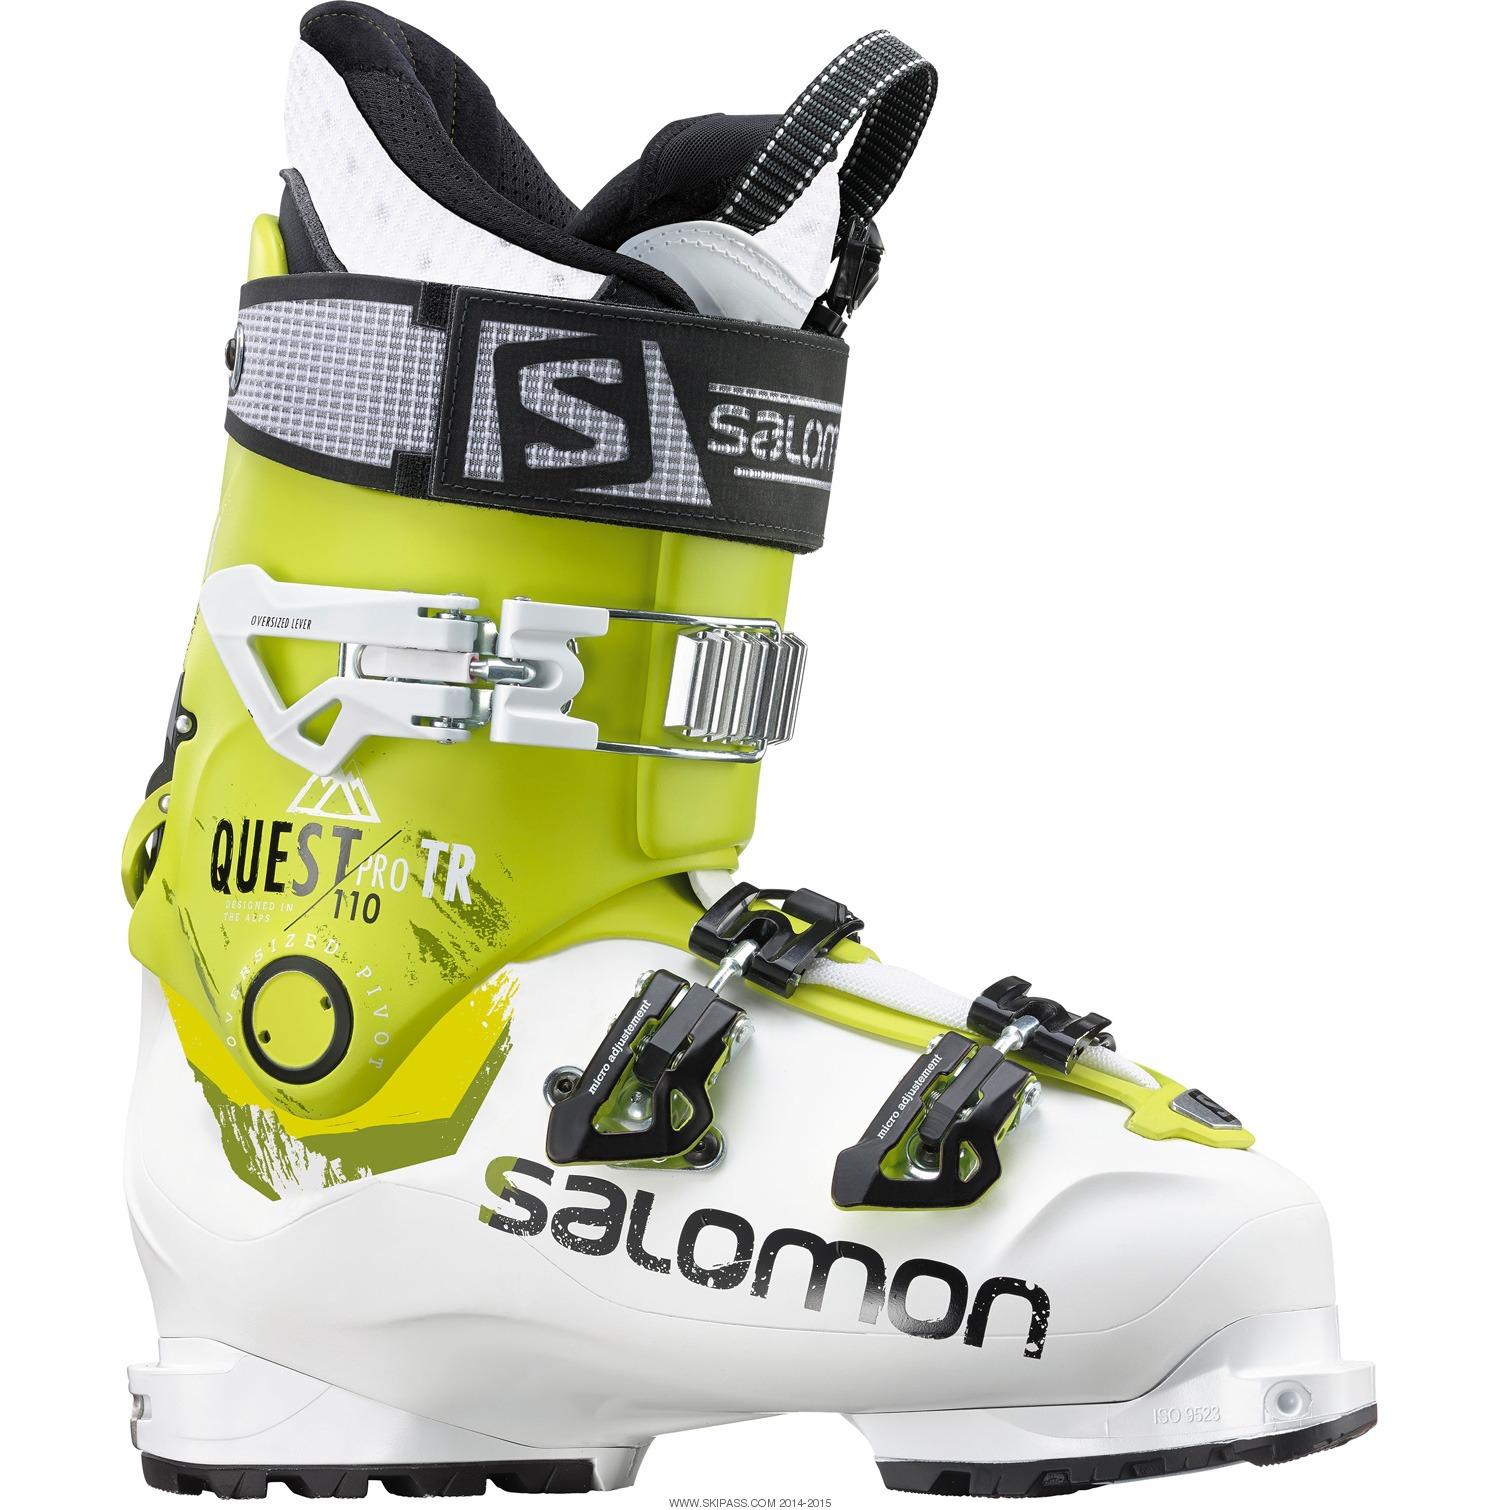 Salomon FtR6Uqt X flood W Warw6q De 80 Ski Pro Femme Chaussures eDH9IW2YE